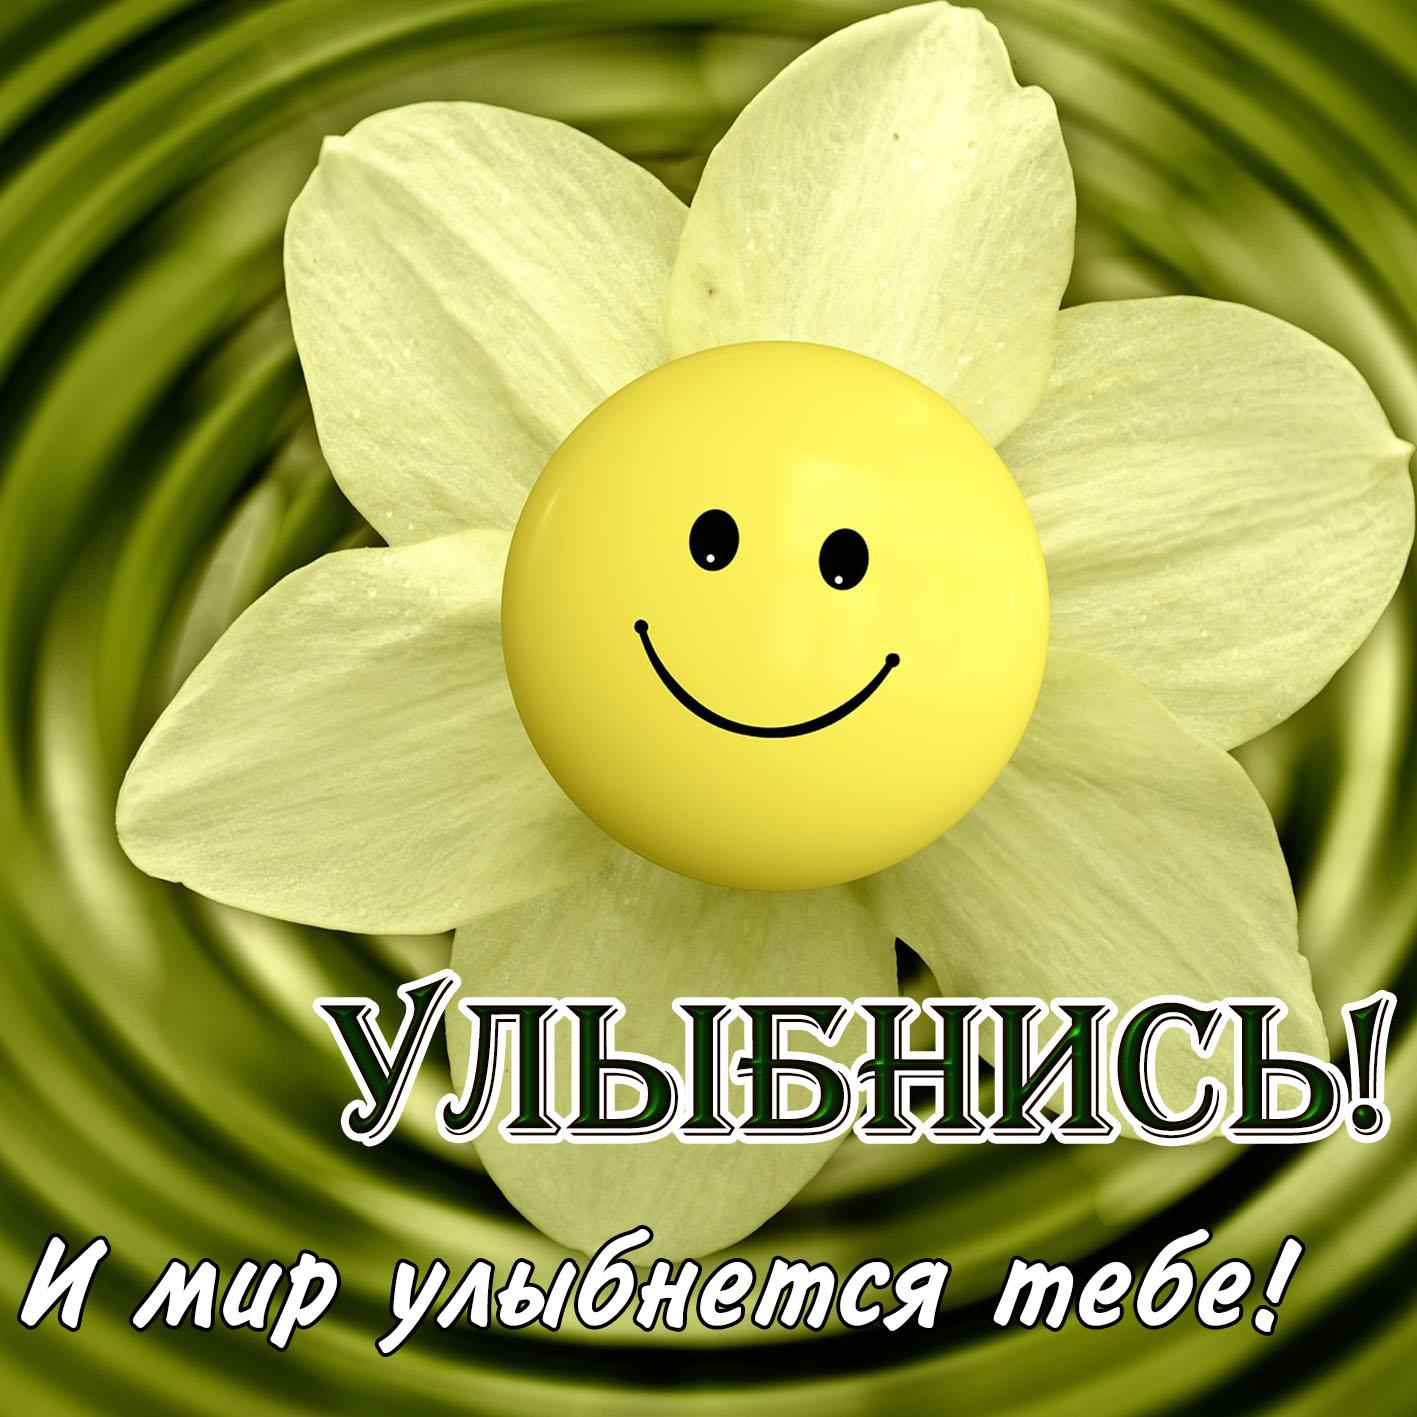 Картинка улыбнись с милым солнышком в цветочке